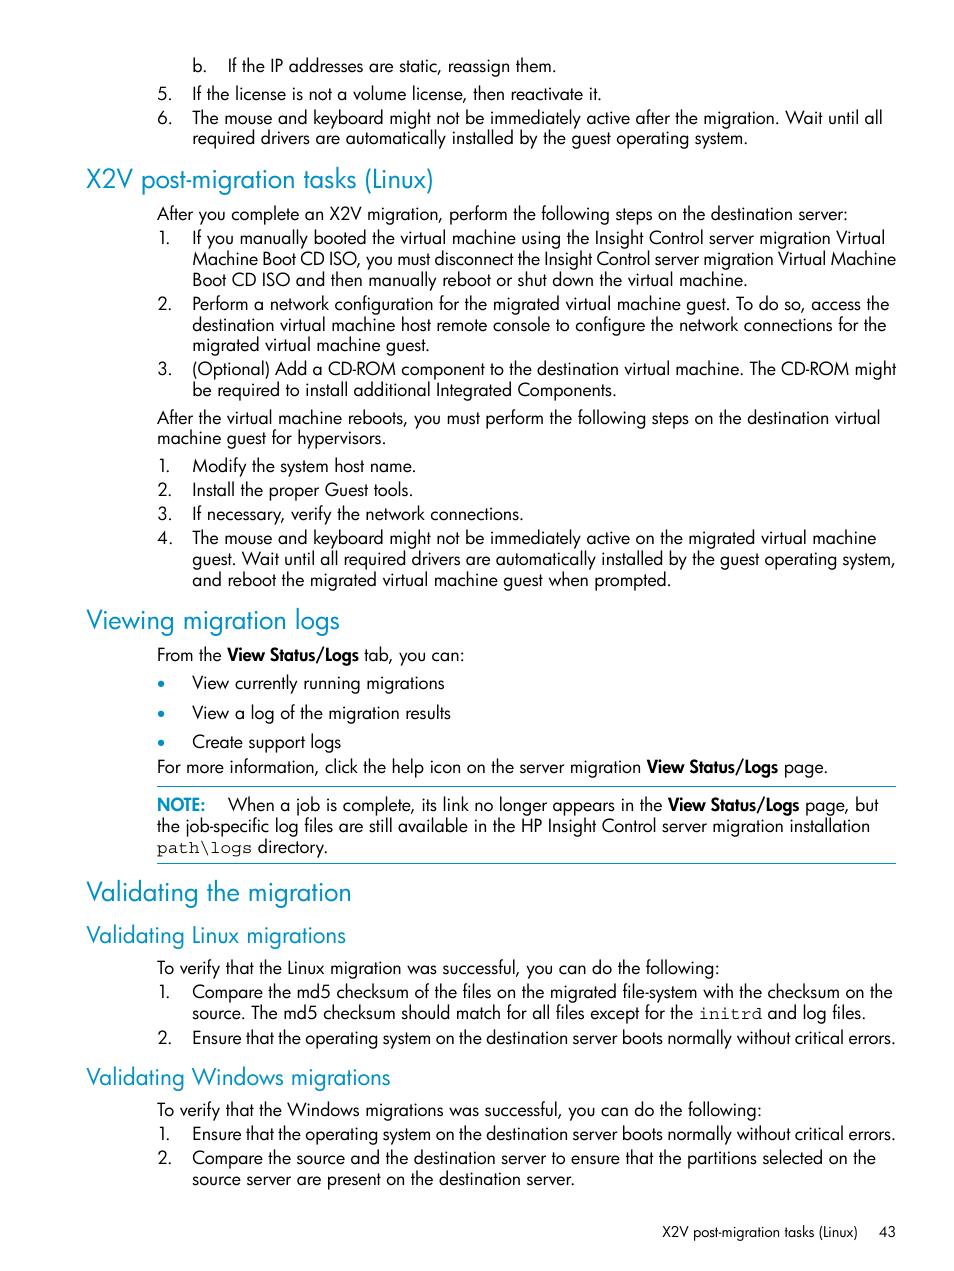 X2v post-migration tasks (linux), Viewing migration logs